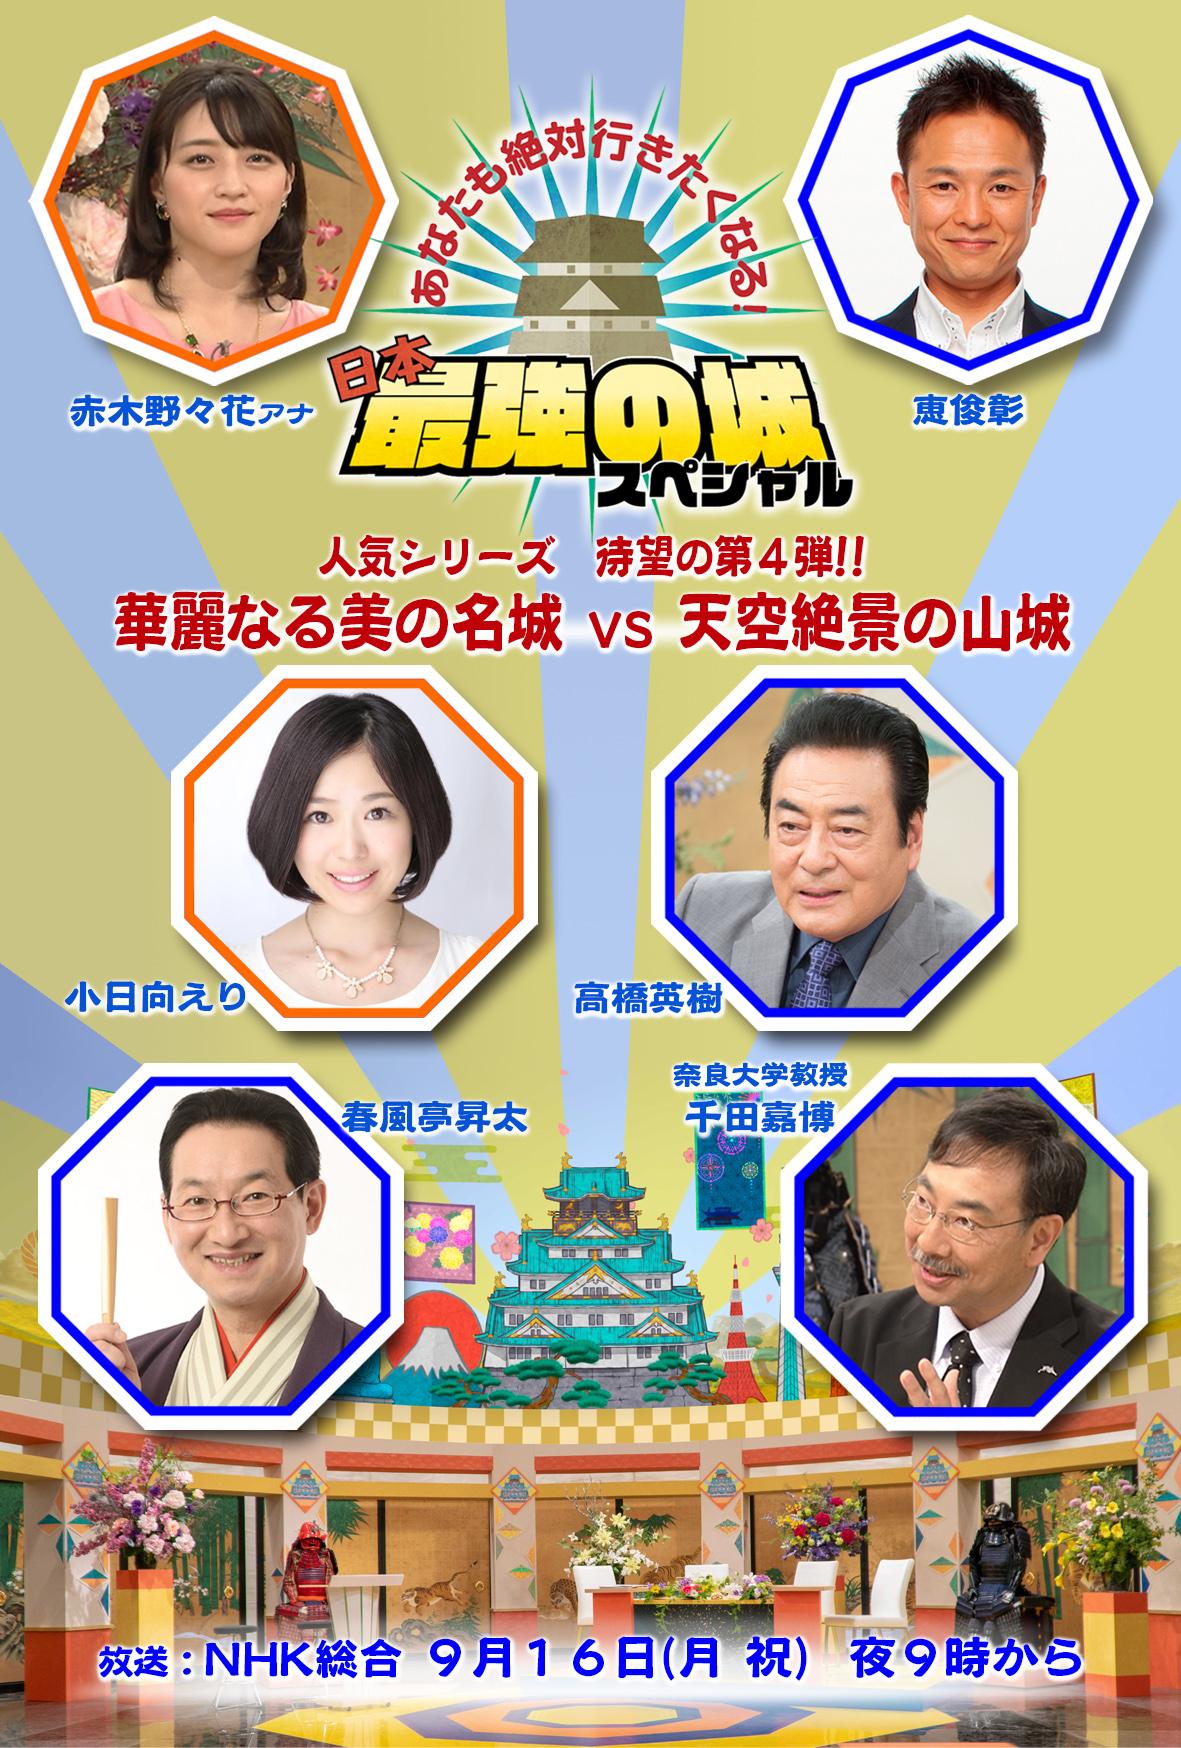 【告知】9/16(月)NHK「最強の城SP 第4弾」が放送されます!